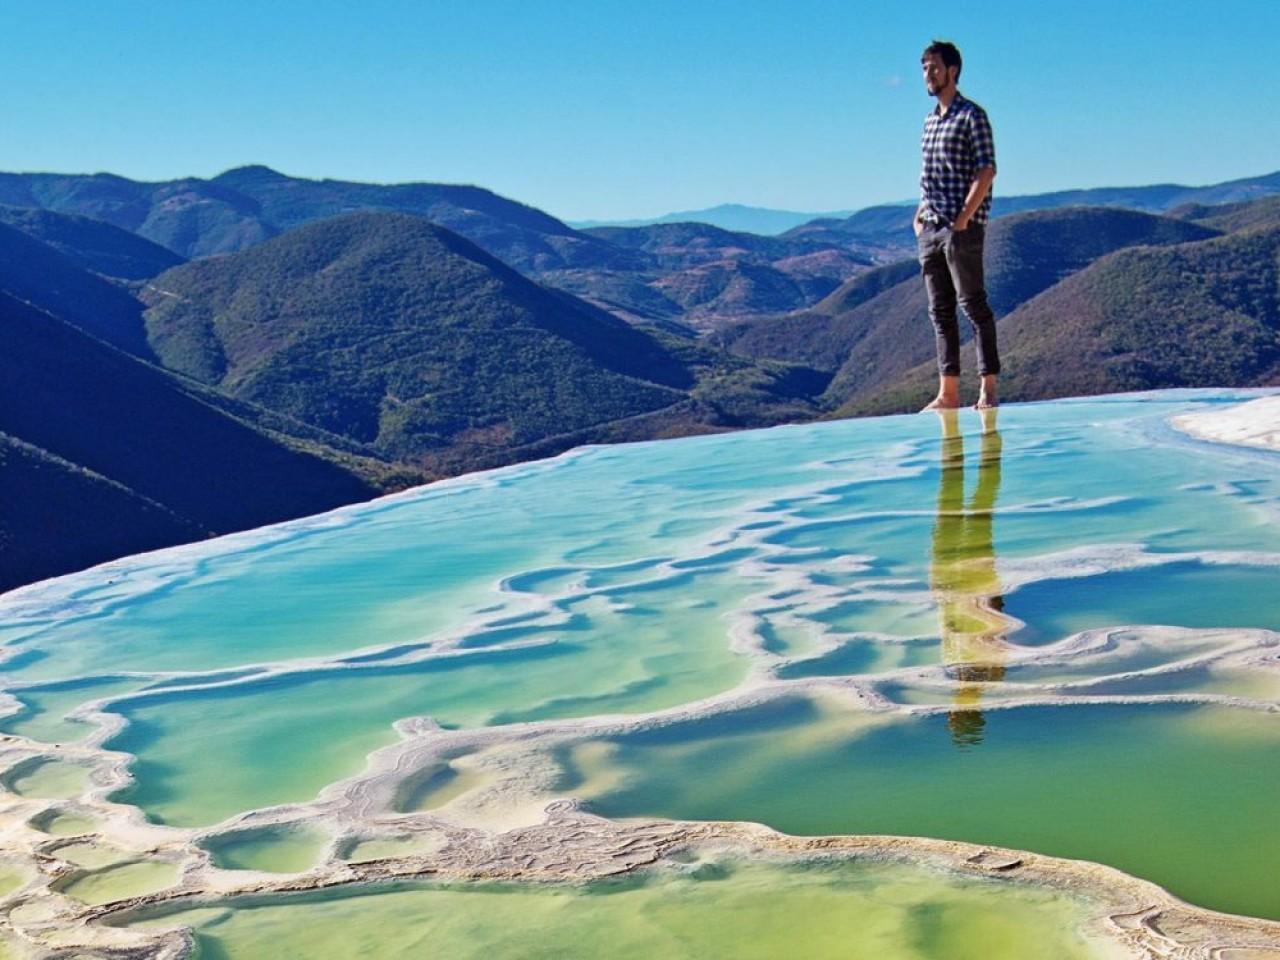 Mitla, Tule, Teotitlan, Hierve el Agua y Fabrica de Mezcal